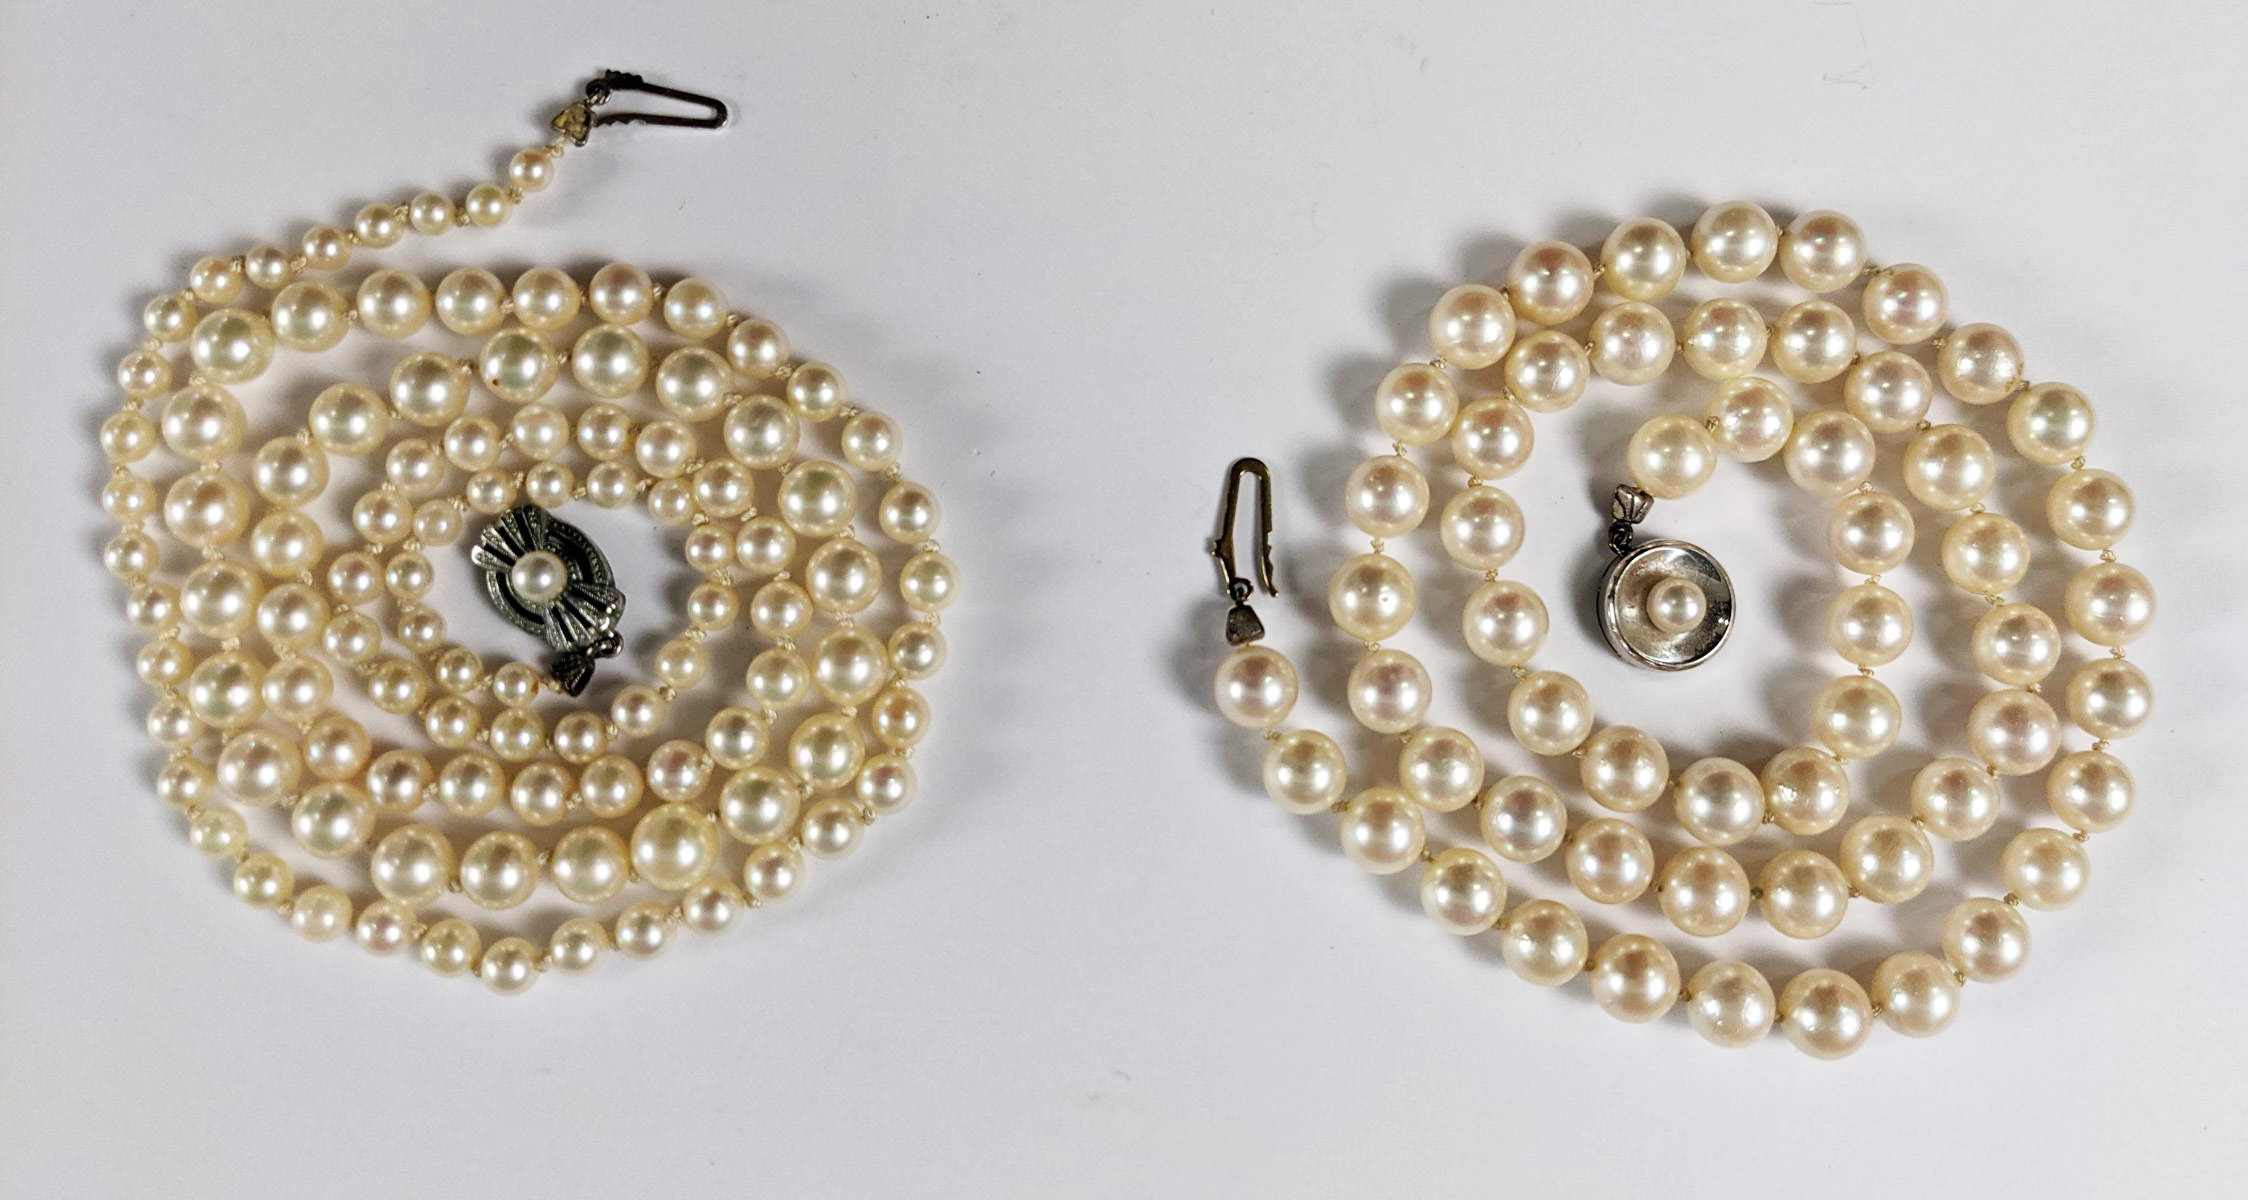 2 Perlenketten, Silber- und Goldverschluss